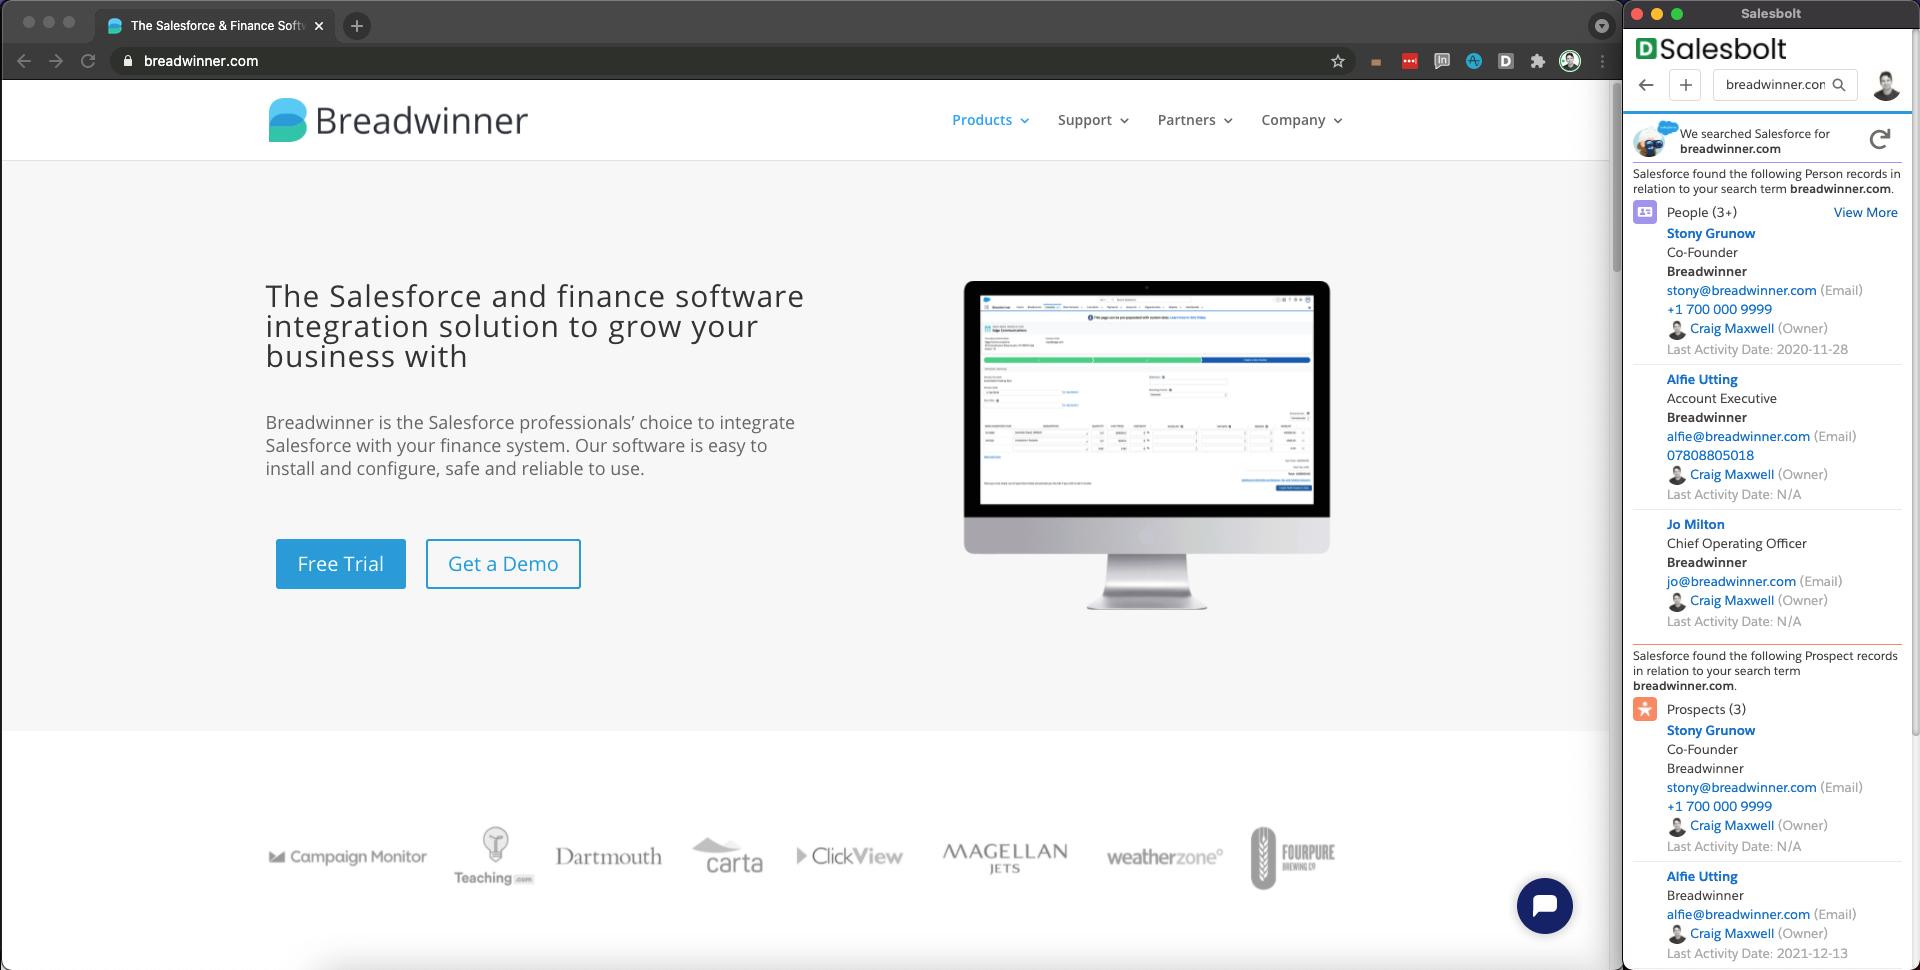 Salesbolt Software - Salesbolt for Salesforce